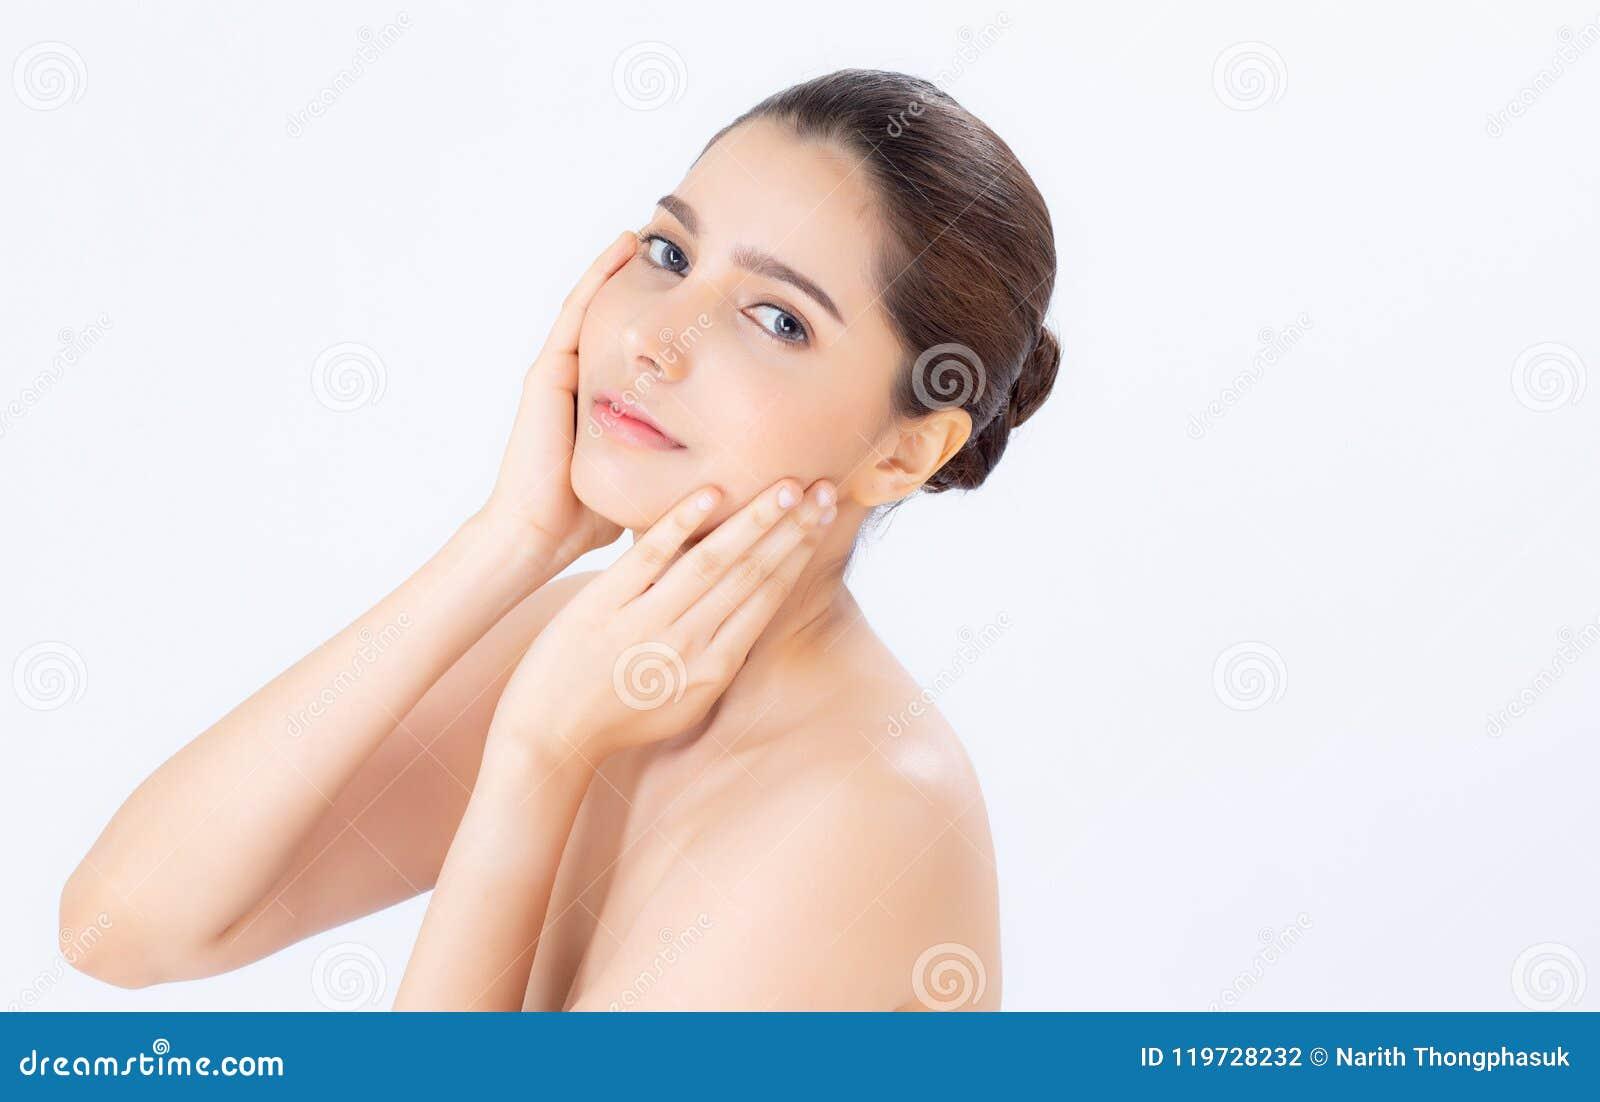 Portret van mooie vrouwenmake-up van schoonheidsmiddel, aantrekkelijk de aanrakingswang van de meisjeshand en glimlach